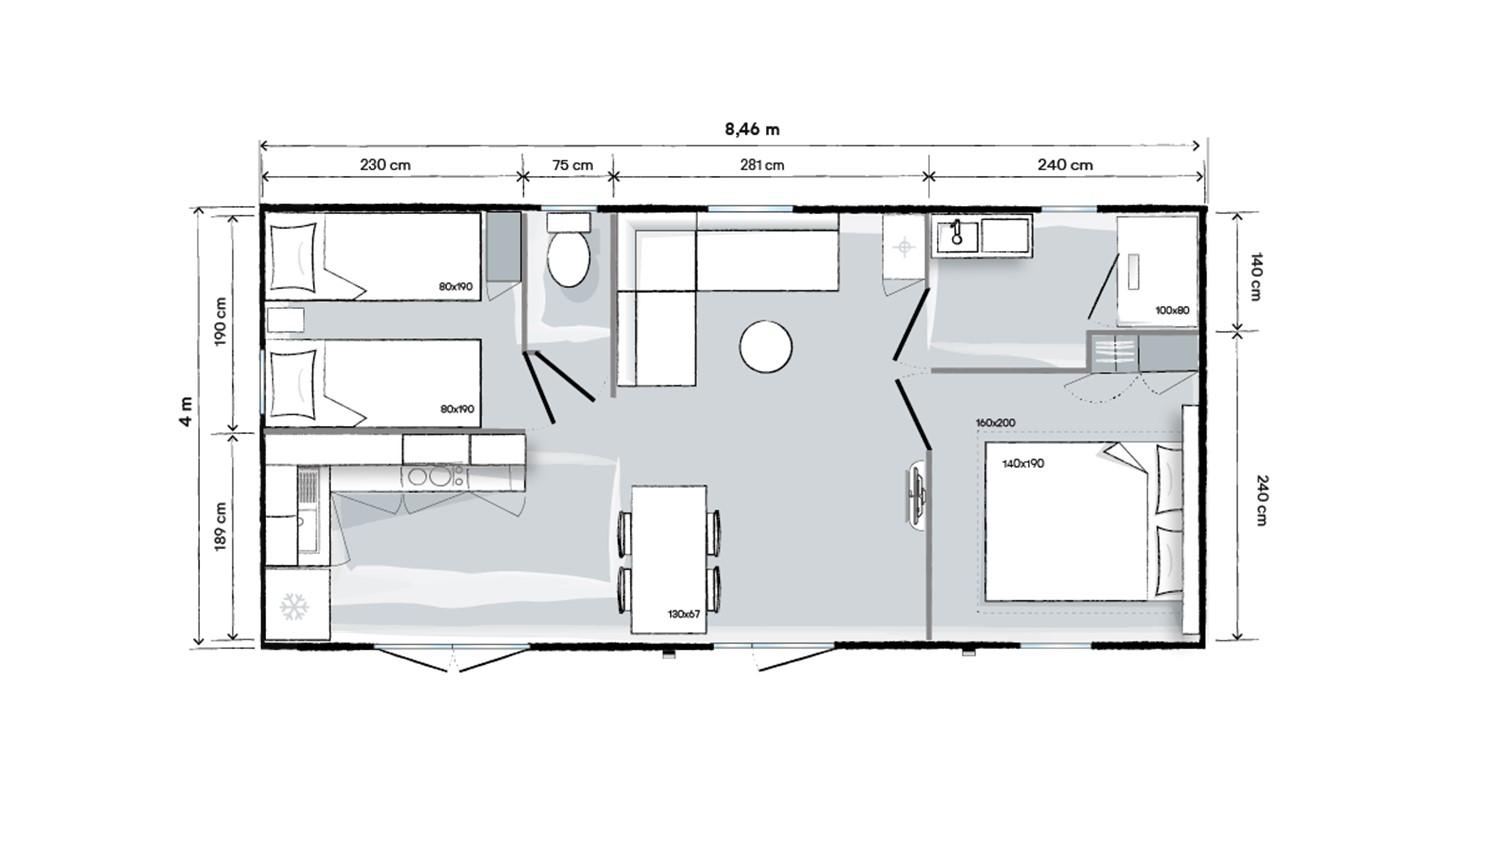 Ohara 844 - 2020 - Mobil home NEUF - 27 500€ - Zen Mobil homes